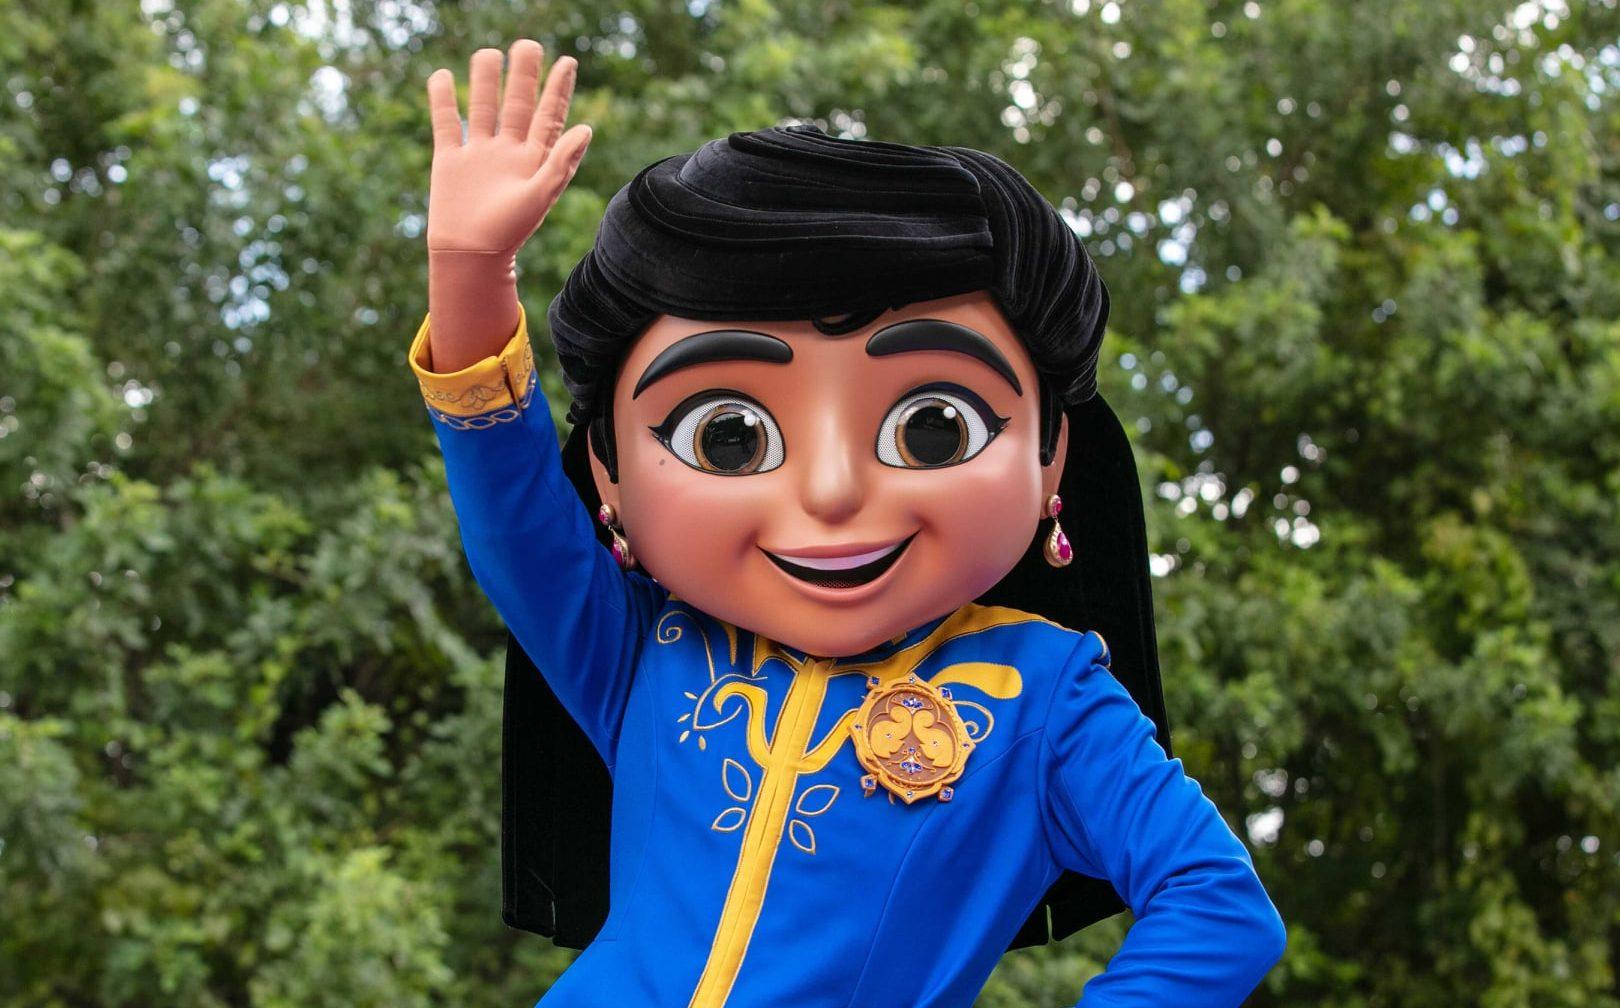 Mira from Disney Junior